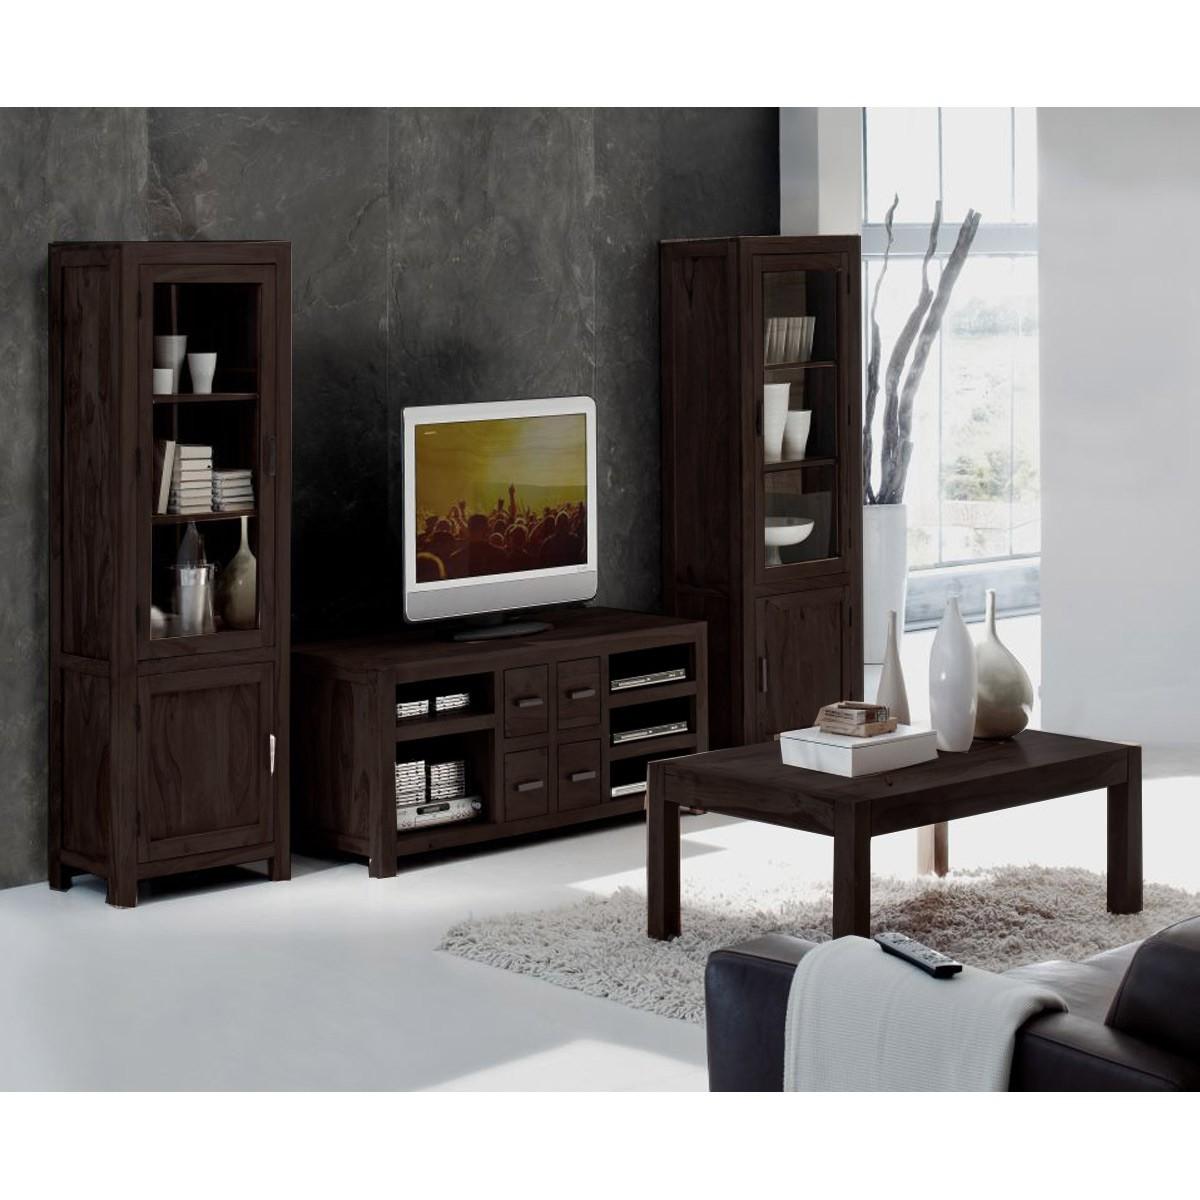 tv phonom bel home immoviva design und luxus f r ihr zuhause. Black Bedroom Furniture Sets. Home Design Ideas